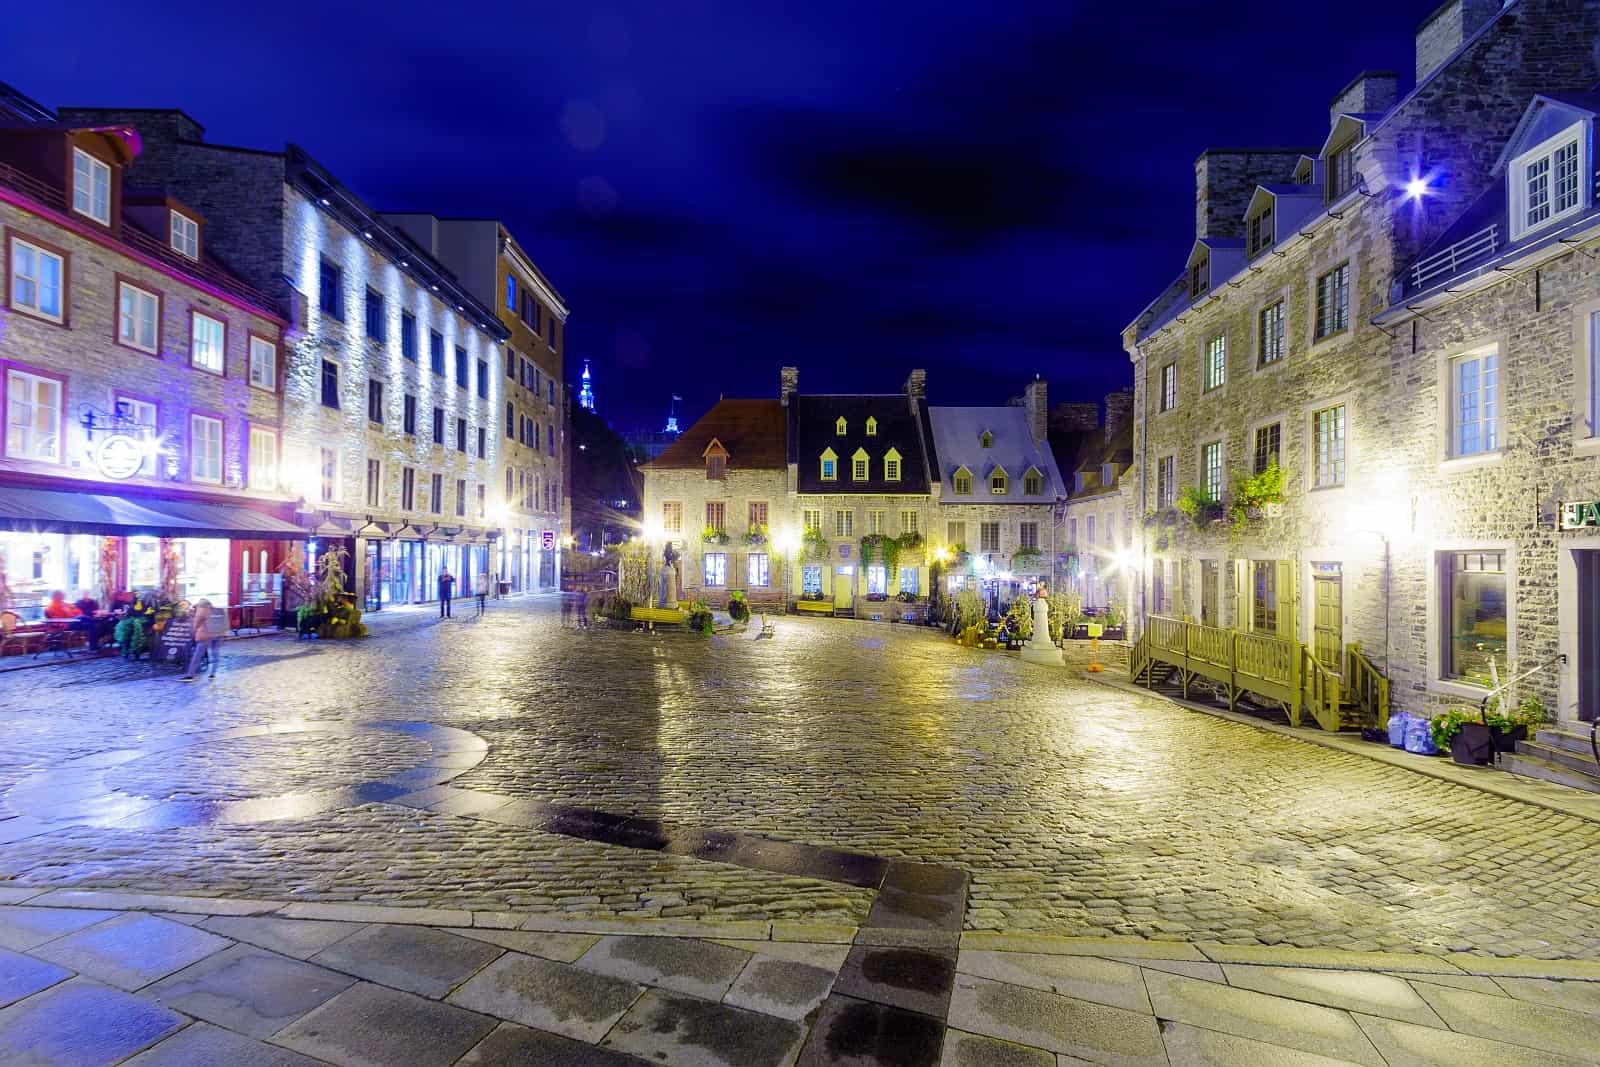 Der Place Royale, ältester Platz französischer Besiedlung in Québec City.